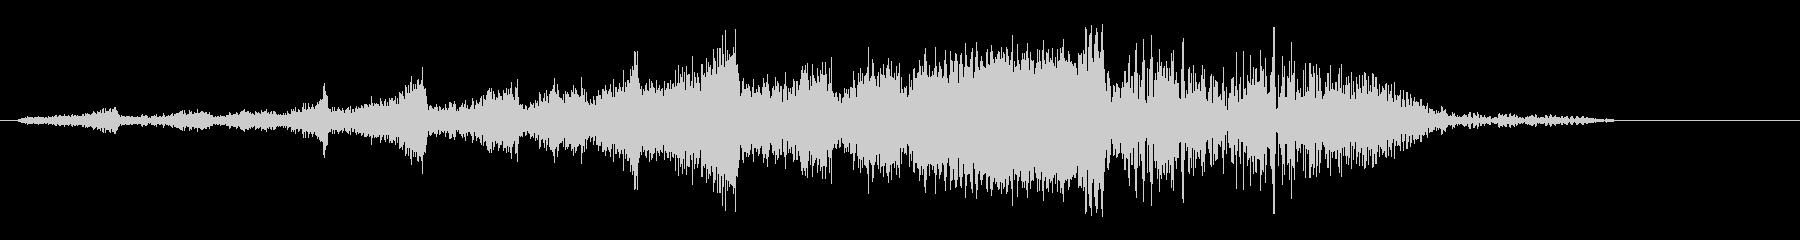 キリキリシュワーン(回転系音)の未再生の波形